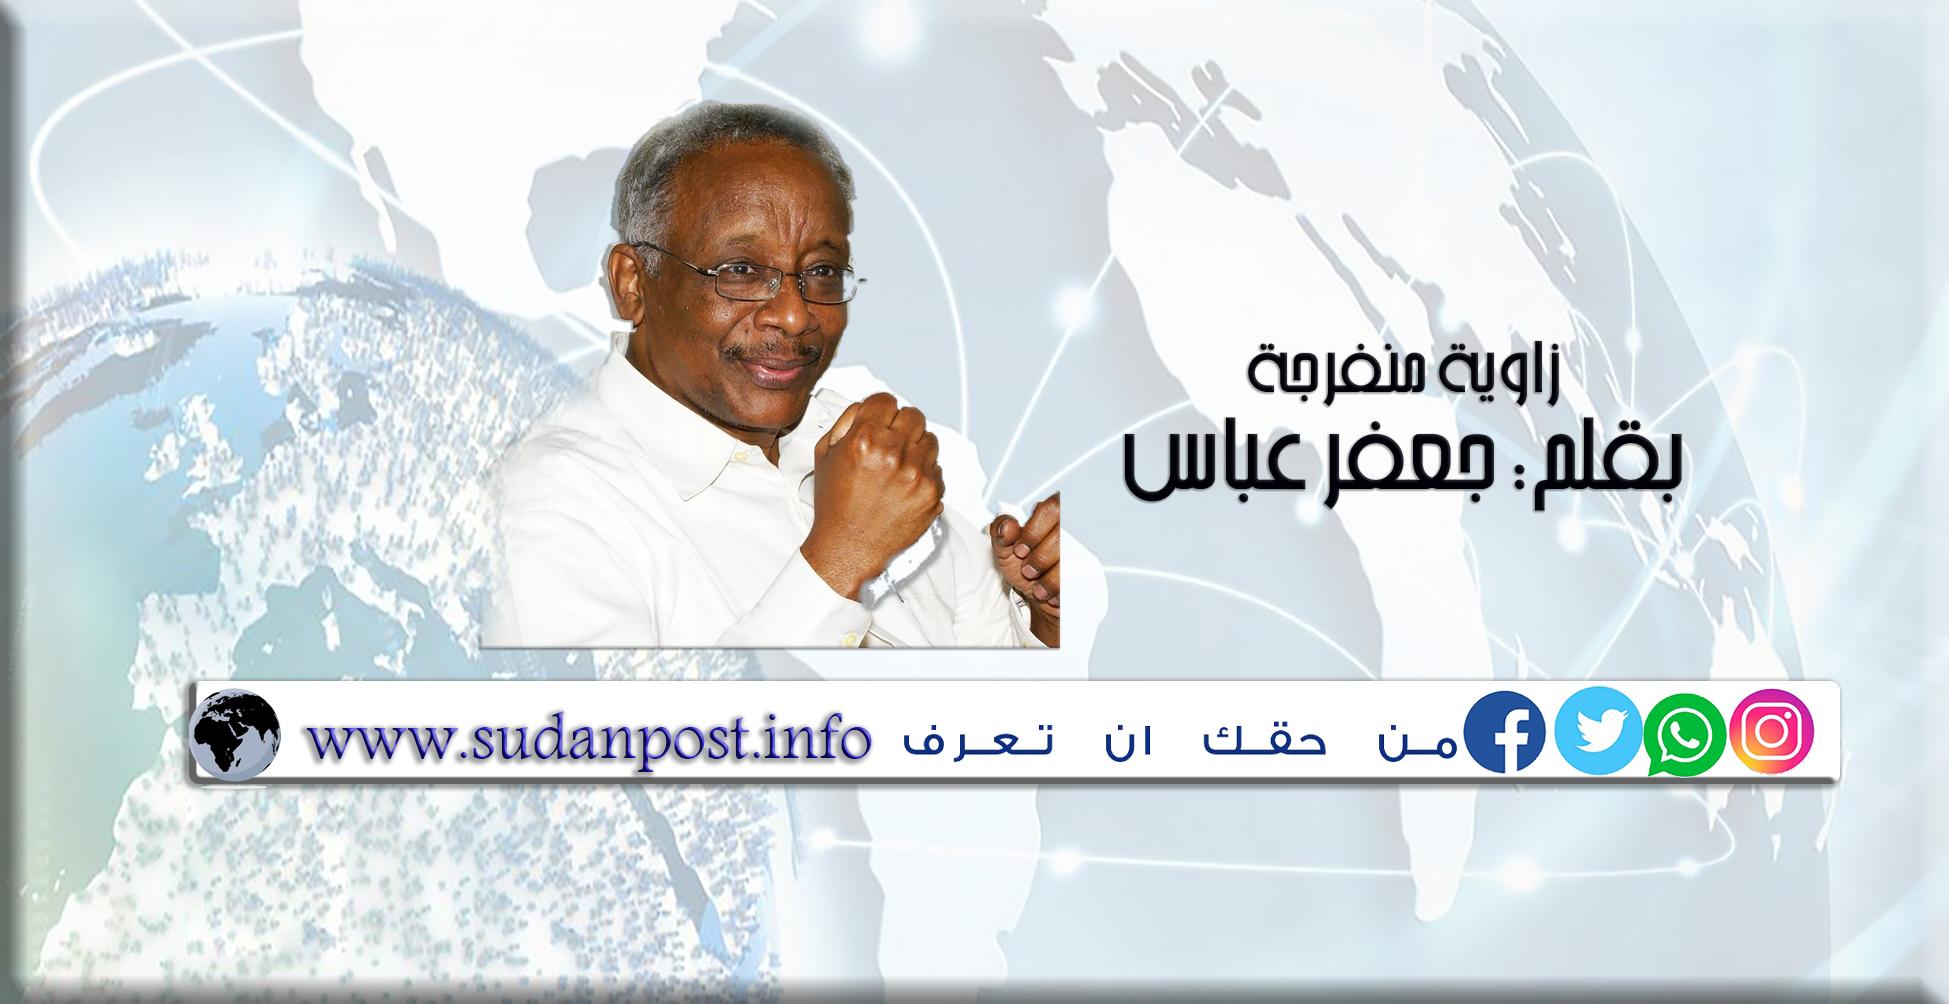 زاوية منفرجة … بقلم: جعفر عباس .. ما لن نراه أو نسمعه يبشر بالخير